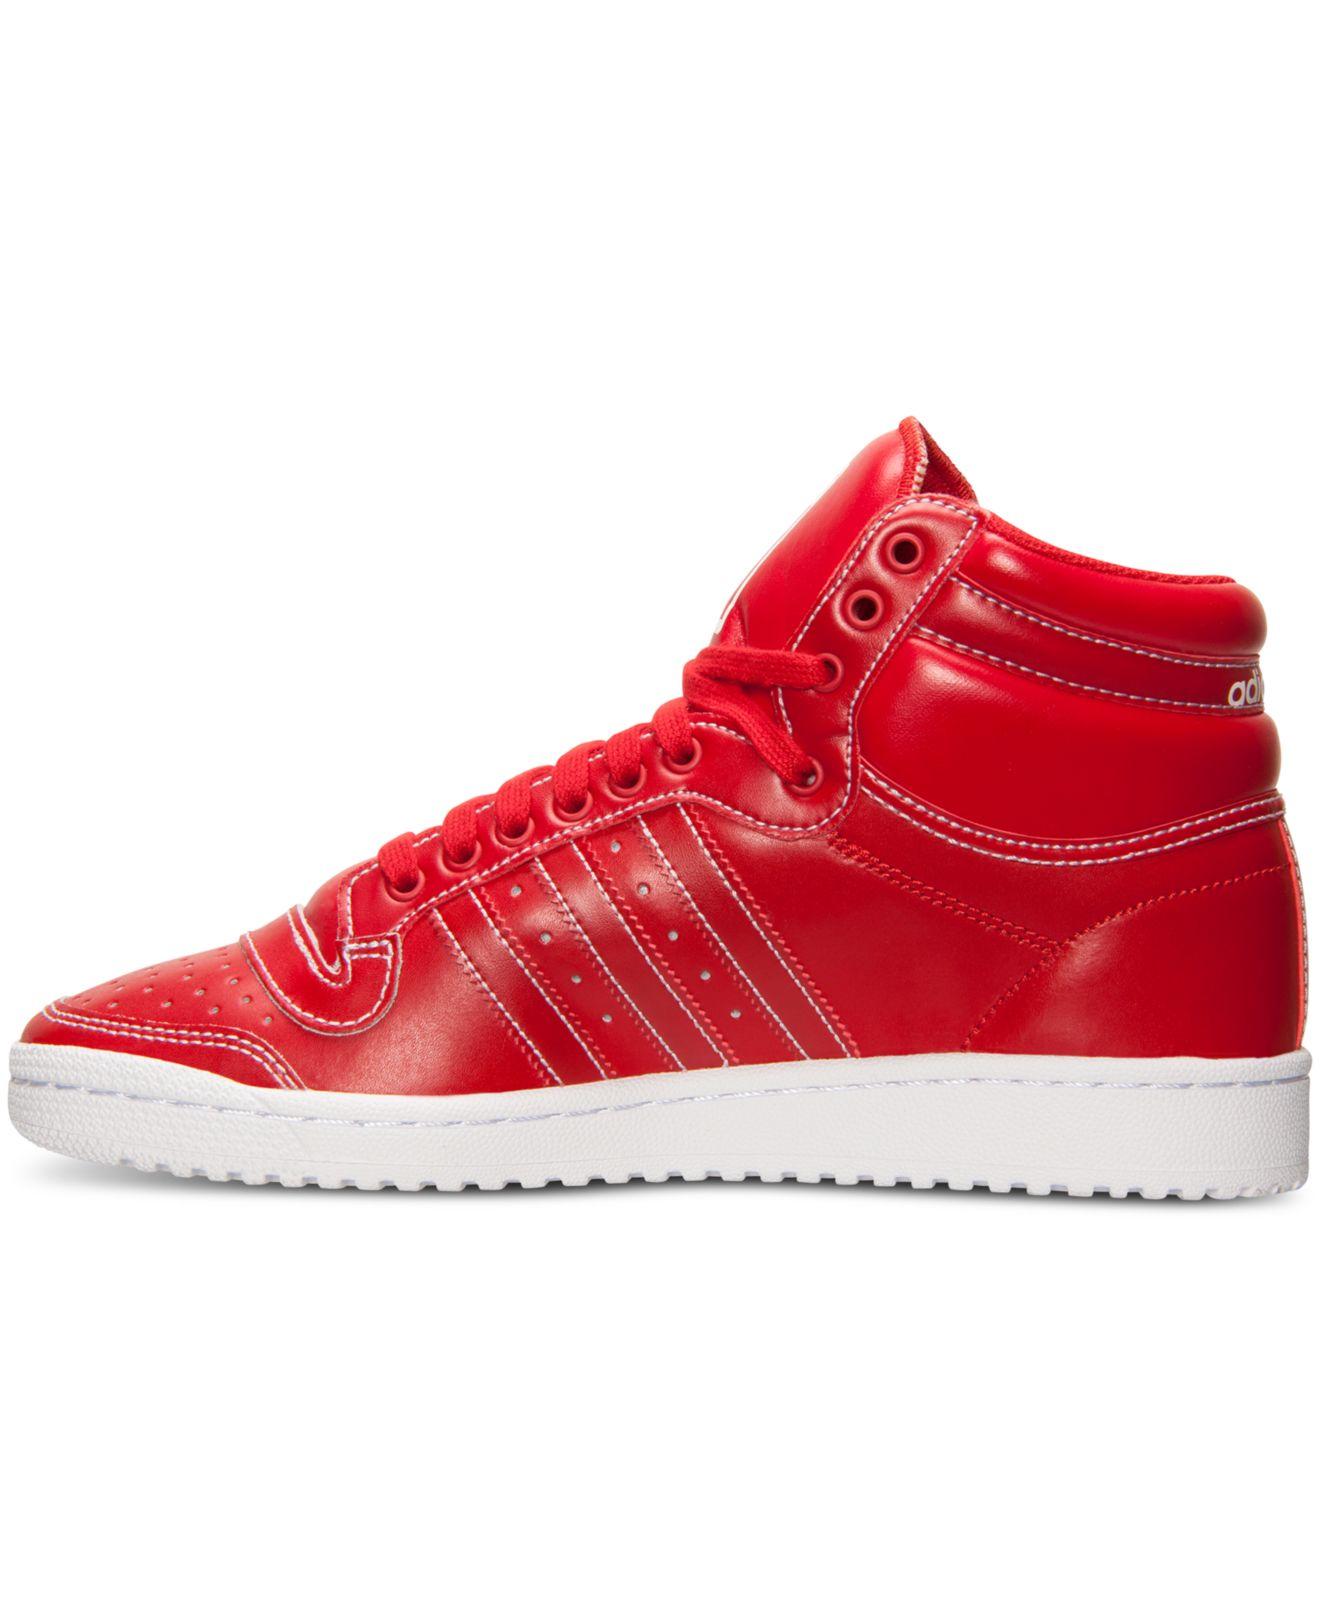 Adidas Top Ten Hi Casual Shoes